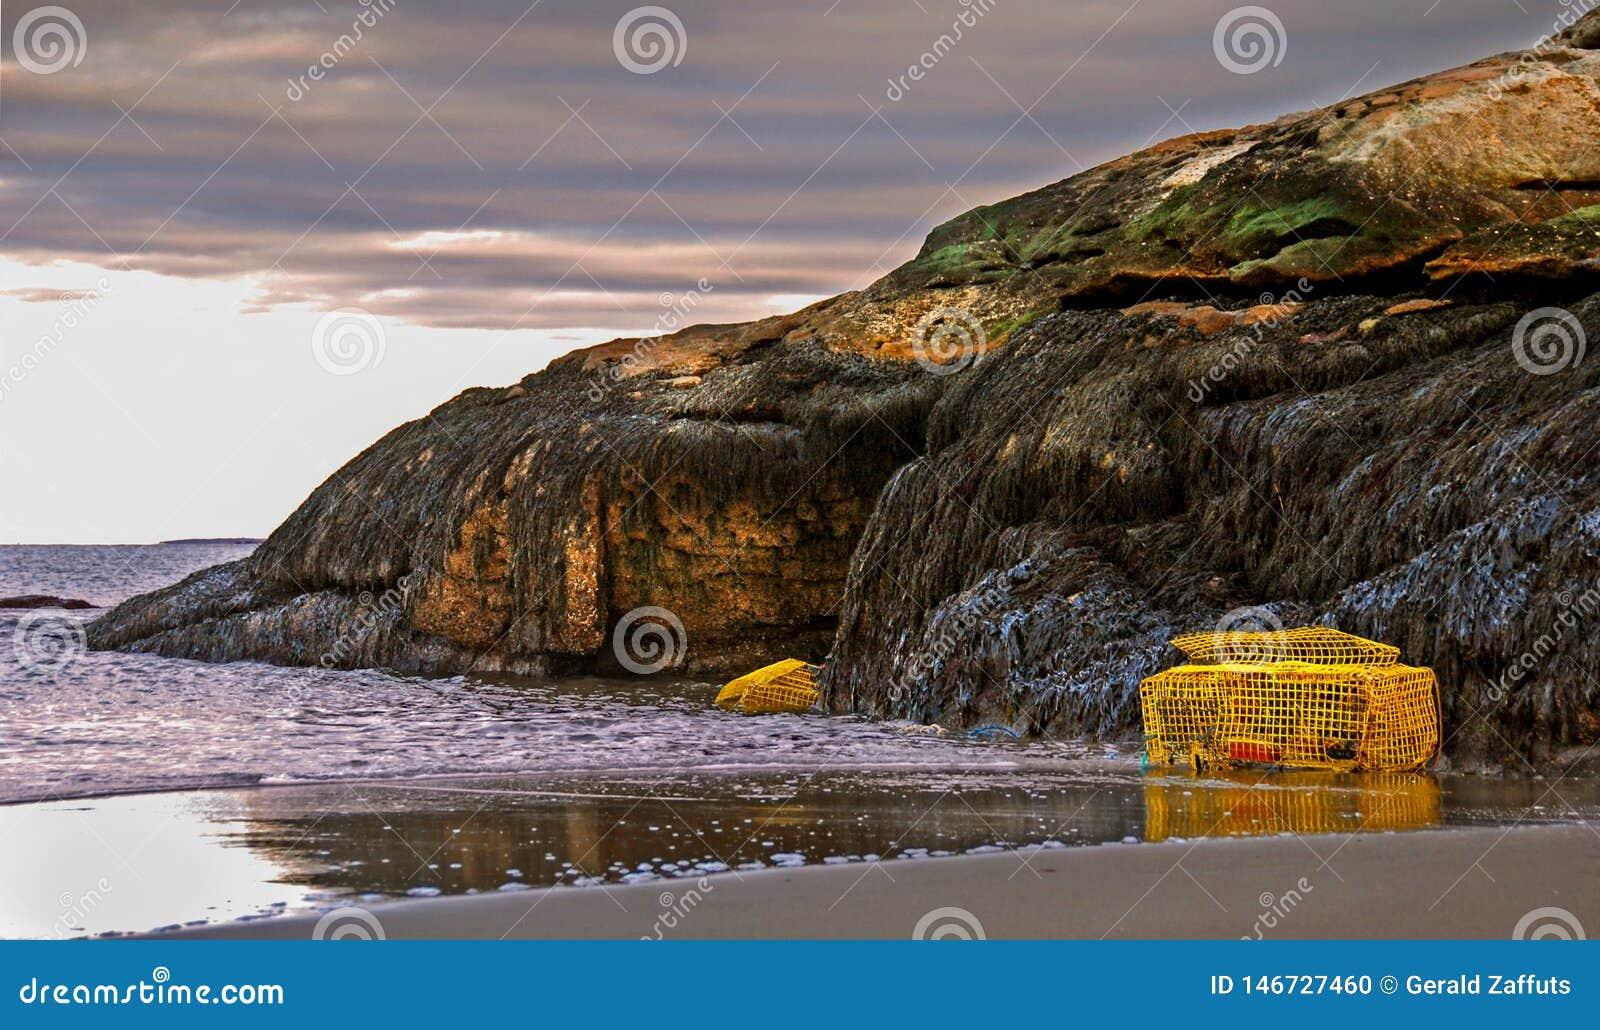 Trampas de la langosta en la playa en Maine con marea y el acantilado rocoso